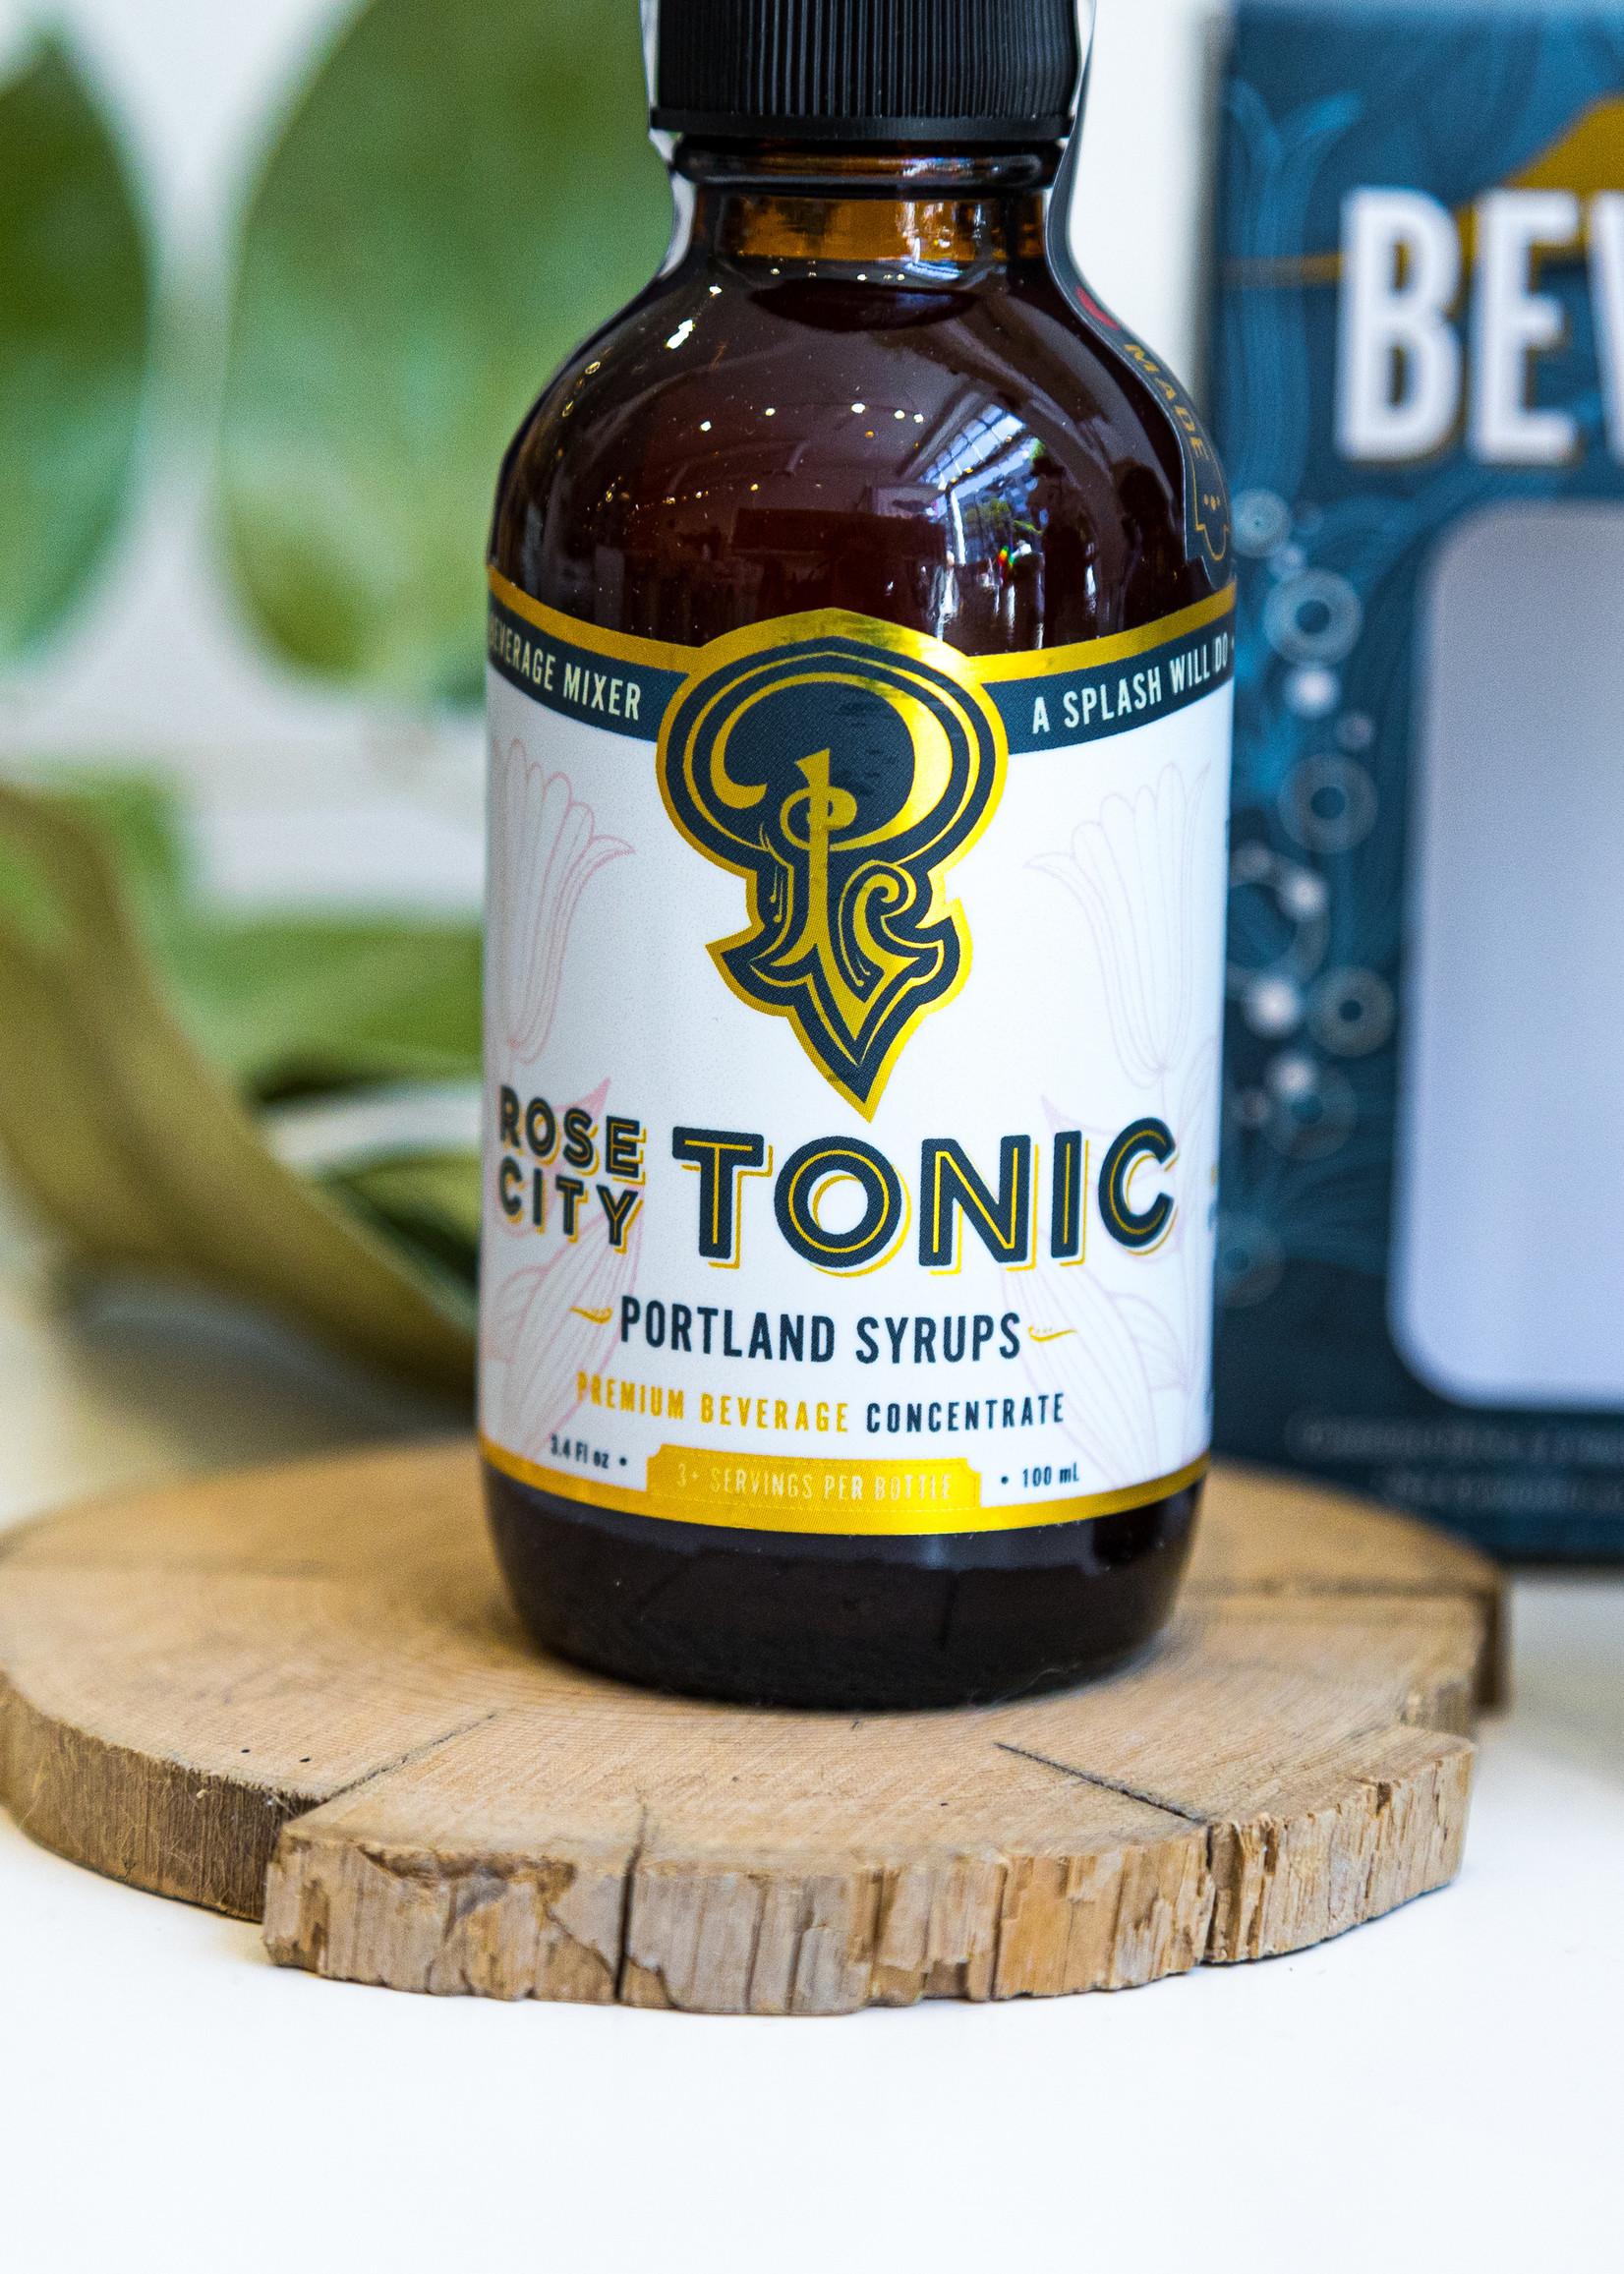 Portland Syrups Portland Syrups -Cocktail Sampler Set